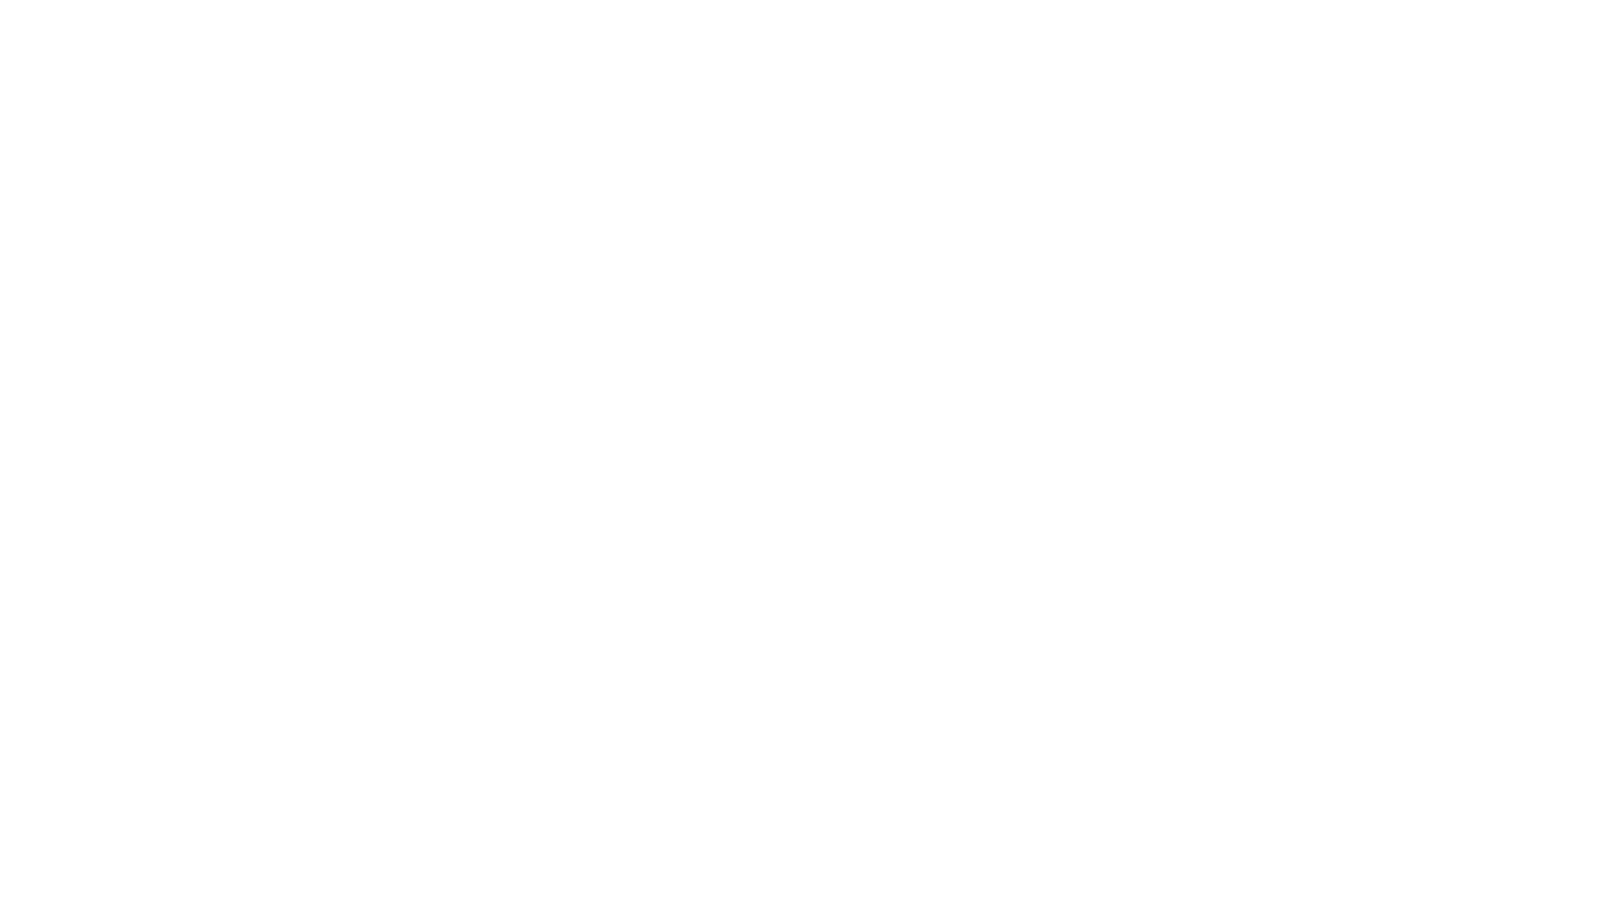 """Olivier Remaud est philosophe et professeur à L'EHESS, l'École des Hautes Études en Sciences Sociales. Il a publié """"Penser comme un iceberg"""", en novembre 2020, chez Actes sud. Dans ce beau livre, Olivier compile des histoires, des faits scientifiques, de toutes les époques. Il convoque les explorateurs James Cook et Alexander von Humbolt, le cinéaste Werner Herzog et l'anthropologue Phillipe Descola, le navigateur Bernard Moitessier et l'écrivain Arthur Conan Doyle. L'auteur de Sherlock Holmes était aussi un passionné des pôles et des glaces. ――――――――――――――――――――――― TIPEEE : L'équipe de BSG est entièrement bénévole. Vous pouvez nous soutenir ici: https://fr.tipeee.com/baleine-sous-gravillon  HELLO ASSO : https://www.helloasso.com/associations/baleine-sous-gravillon/collectes/baleine-sous-gravillon  FACEBOOK : https://www.facebook.com/baleinesousgravillon  TWITTER : https://twitter.com/Podcast_bsg  INSTAGRAM : https://www.instagram.com/baleine.sous.gravillon/  LE PODCAST : Retrouvez le podcast Baleine sous gravillon sur toutes les plateformes d'écoutes tous les mercredis et dimanches; et sur Youtube tous les lundis, mercredis et vendredis : https://smartlink.ausha.co/des-baleines-sous-les-gravillons?fbclid=IwAR0bEYuKT2otiGxpEZHeMv7jpKVPwSm5gZgD50dN-gHiWmDNx0Arnl3_IKI ――――――――――――――――――――――― CRÉDITS : Journaliste : Marc Mortelmans Invité : Olivier Remaud Photo couverture : Cocoparisienne Musique : Felix Laband Montage podcast Youtube : Camille Guérin"""